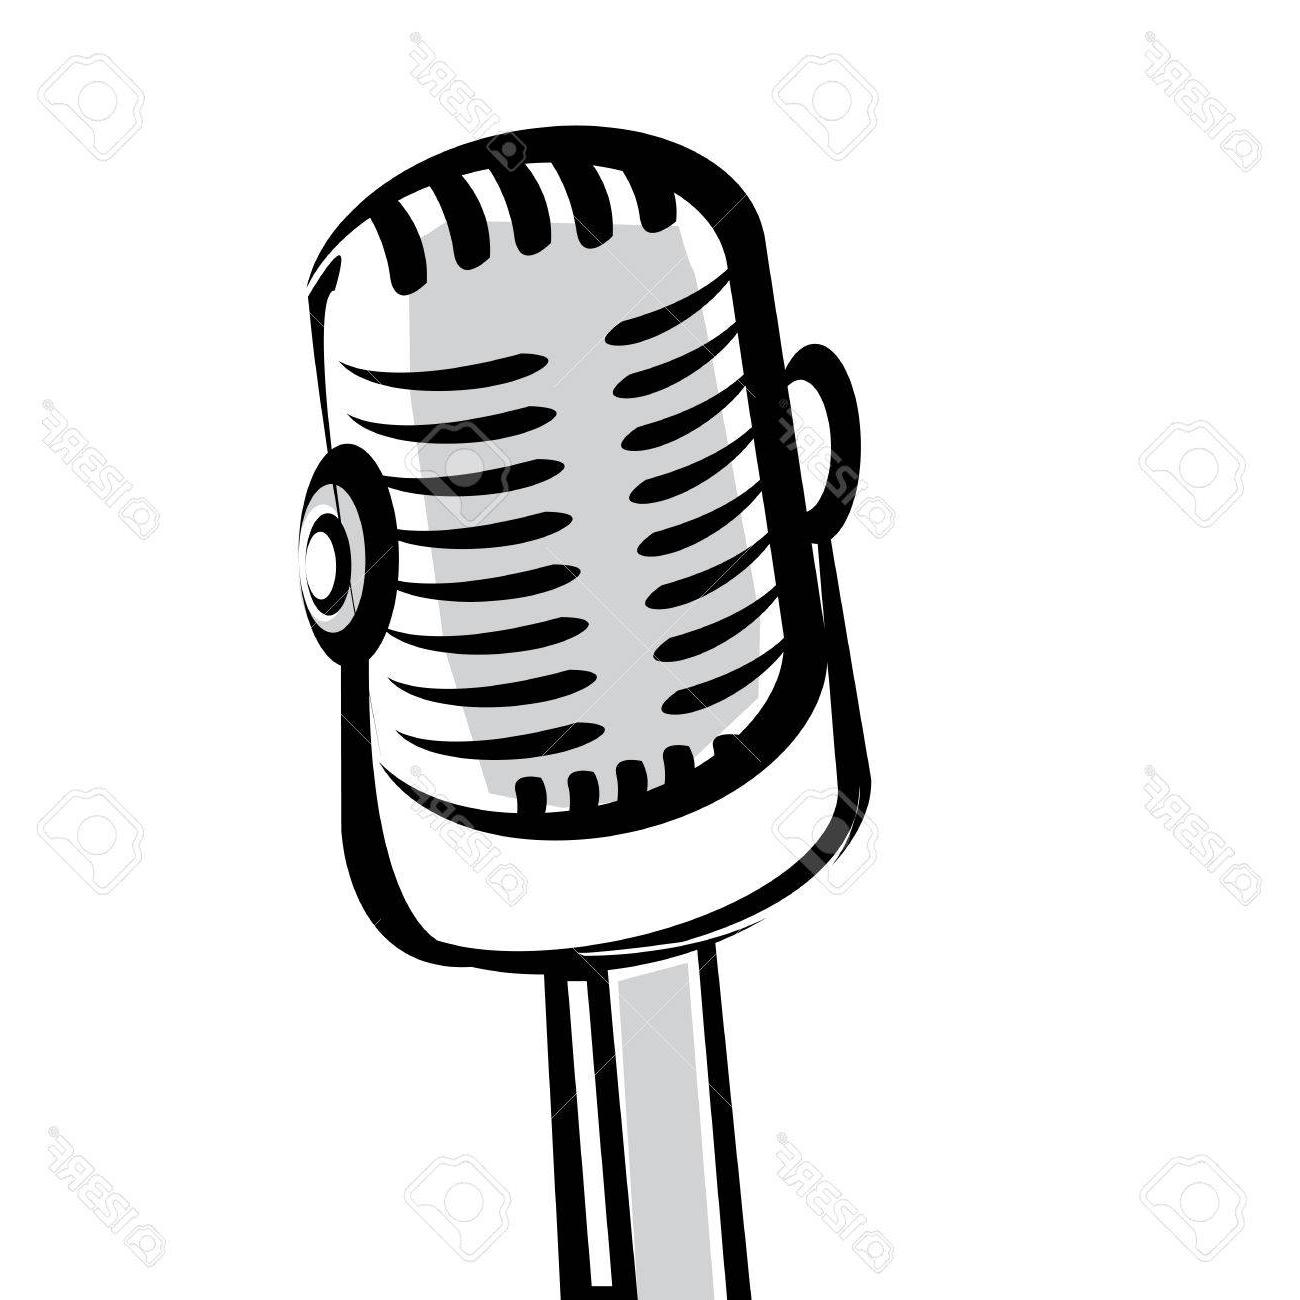 1300x1300 Unique Retro Microphone Silhouette File Free